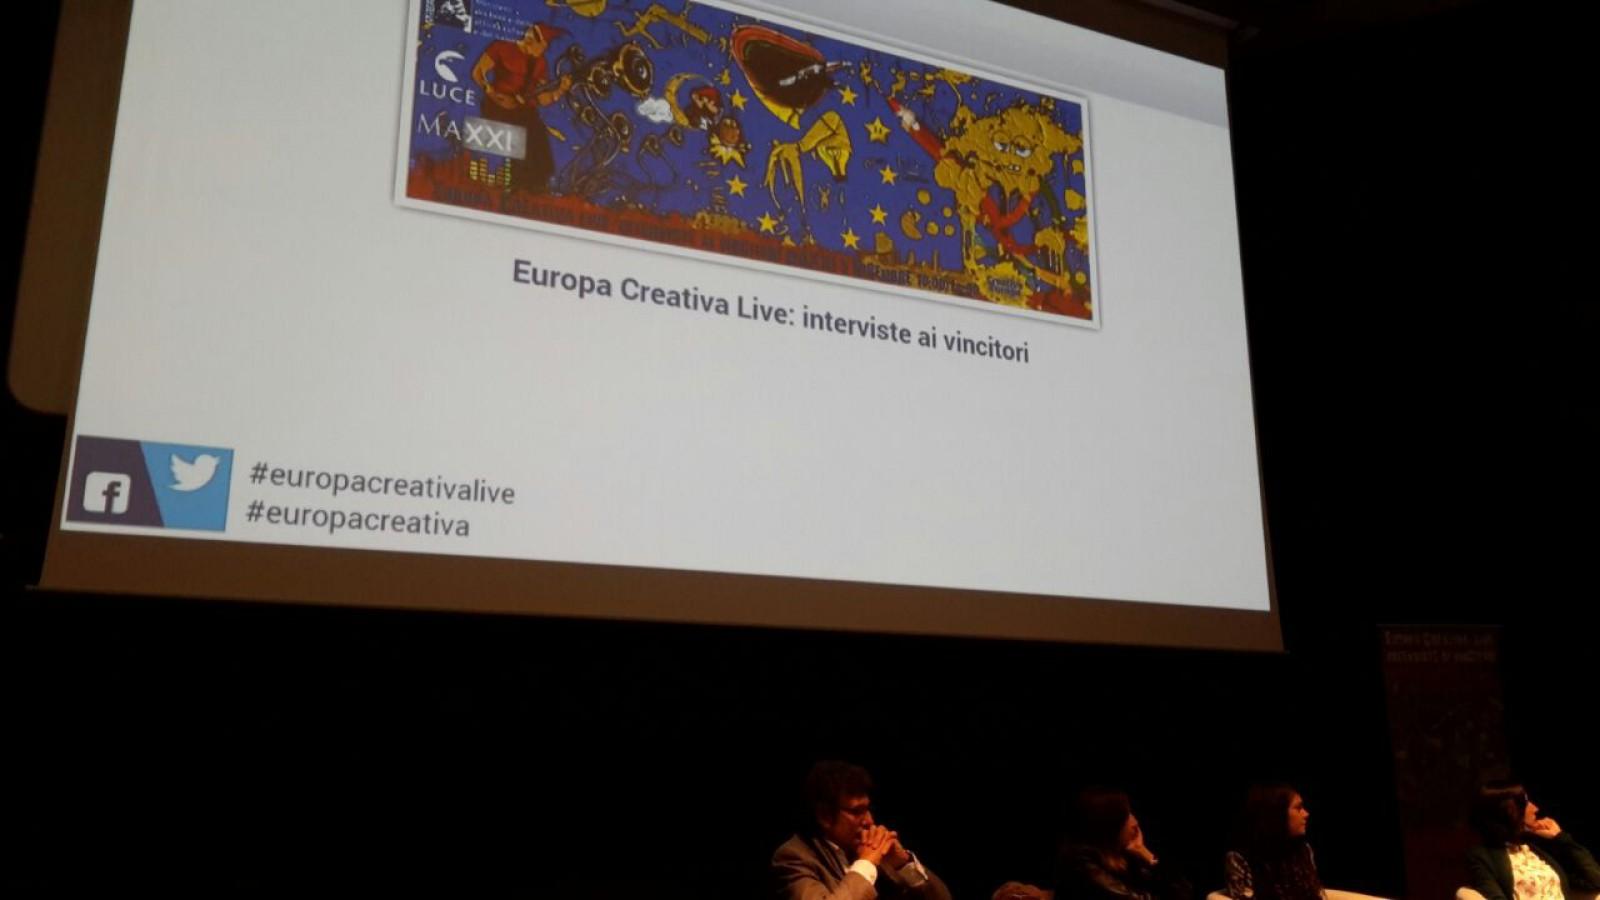 Europa Creativa live Interviste ai vincitori